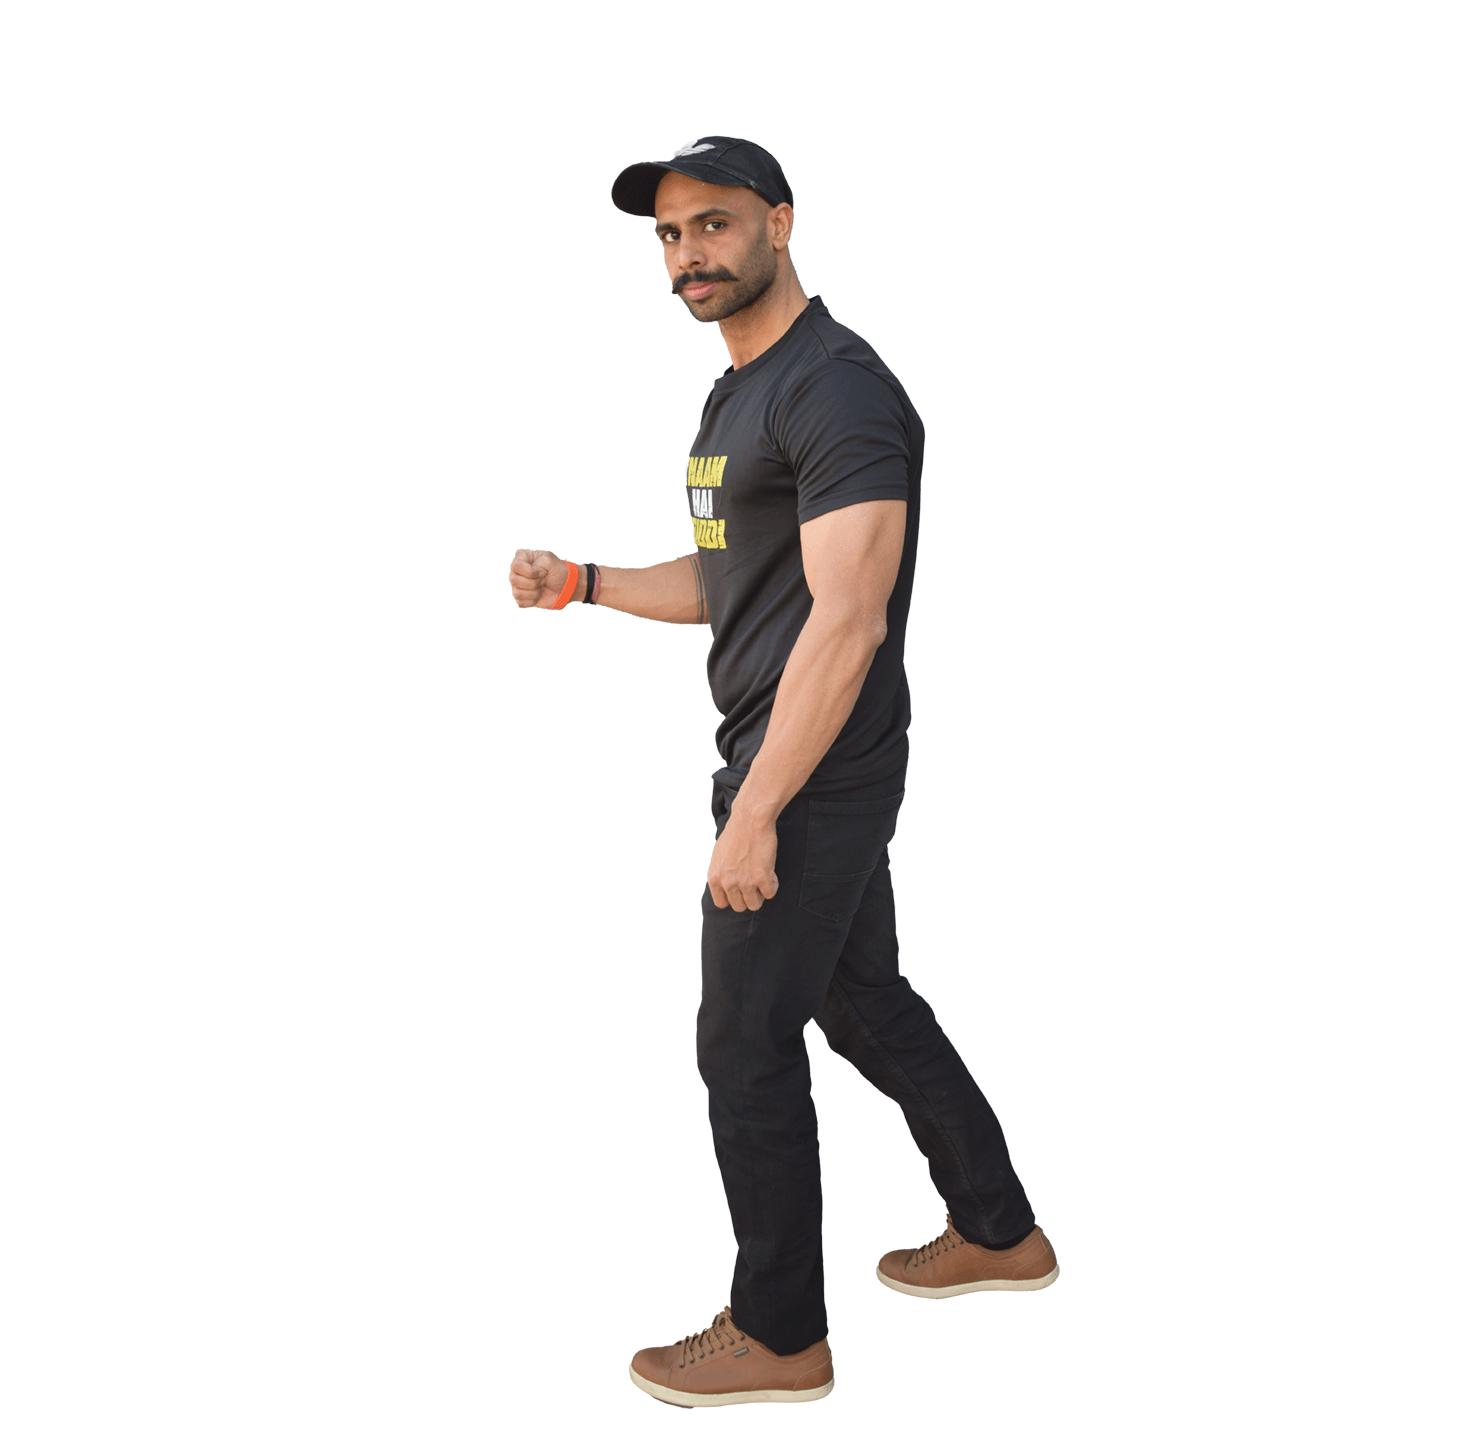 Jaswant Singh Shekhawat